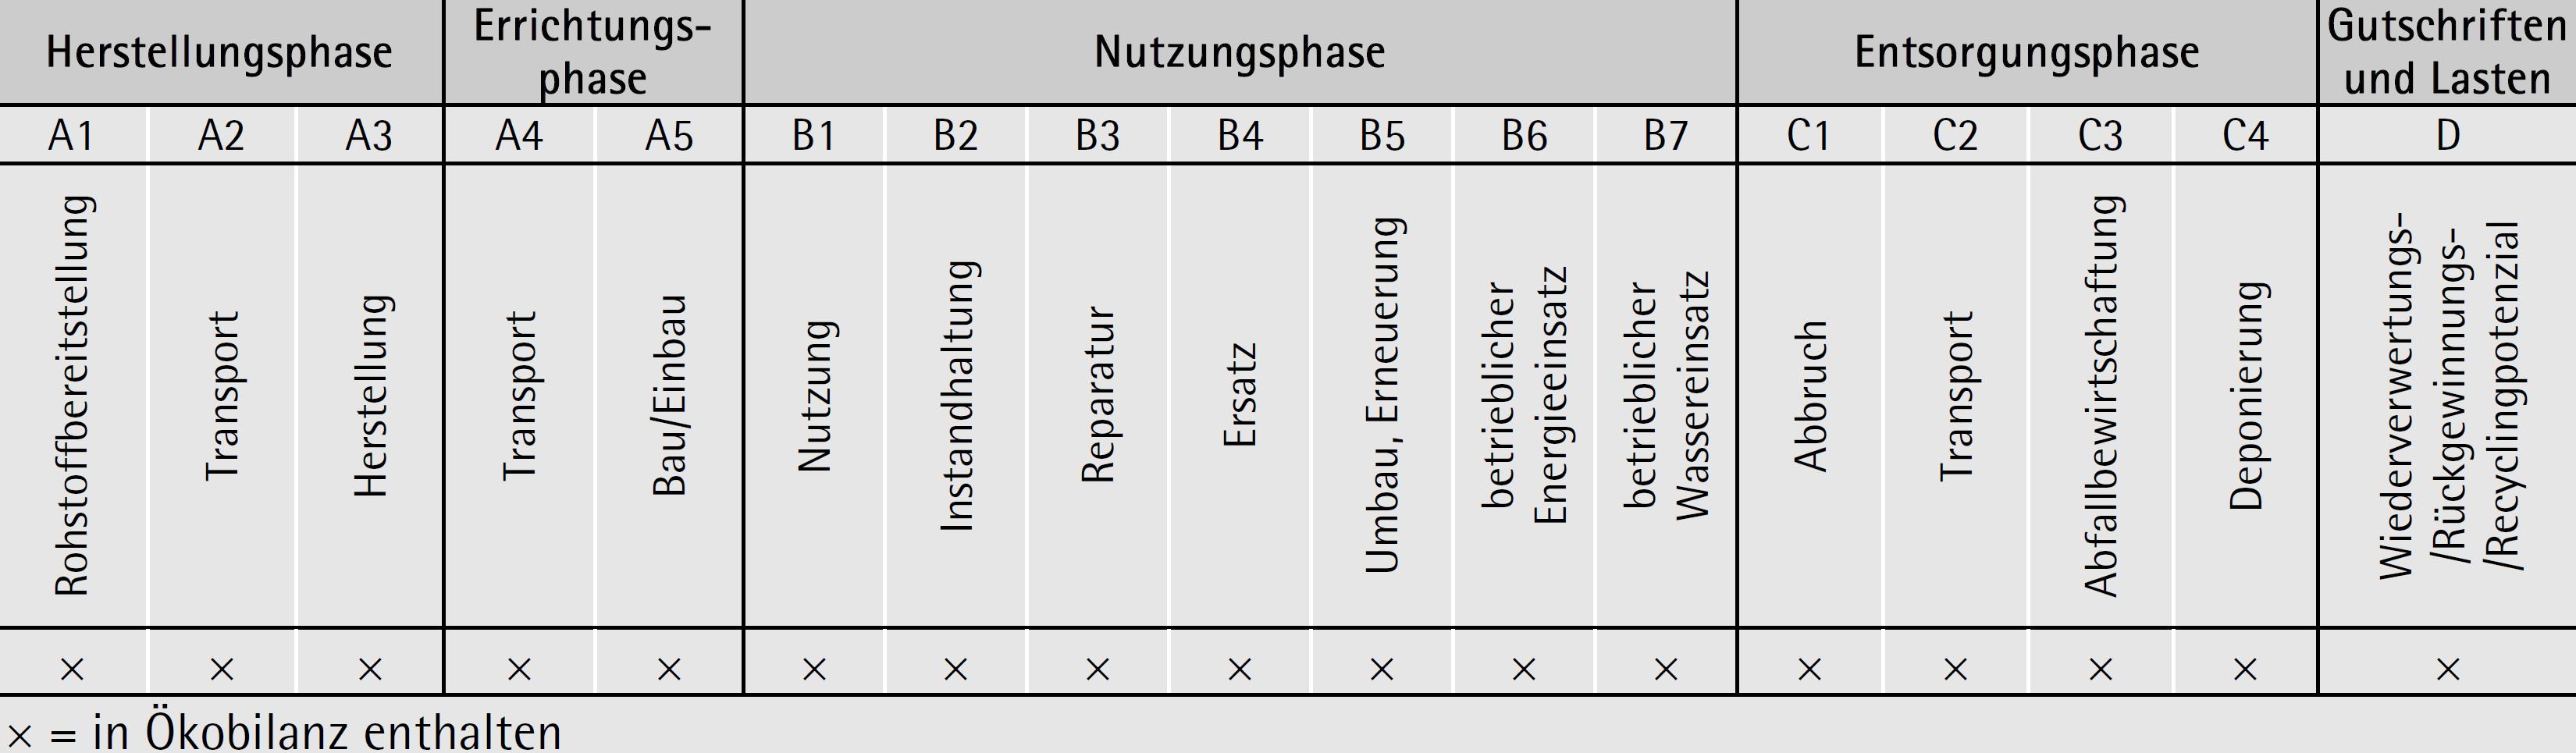 zeigt die deklarierten Lebenszyklusphasen der Ziegel-EPD